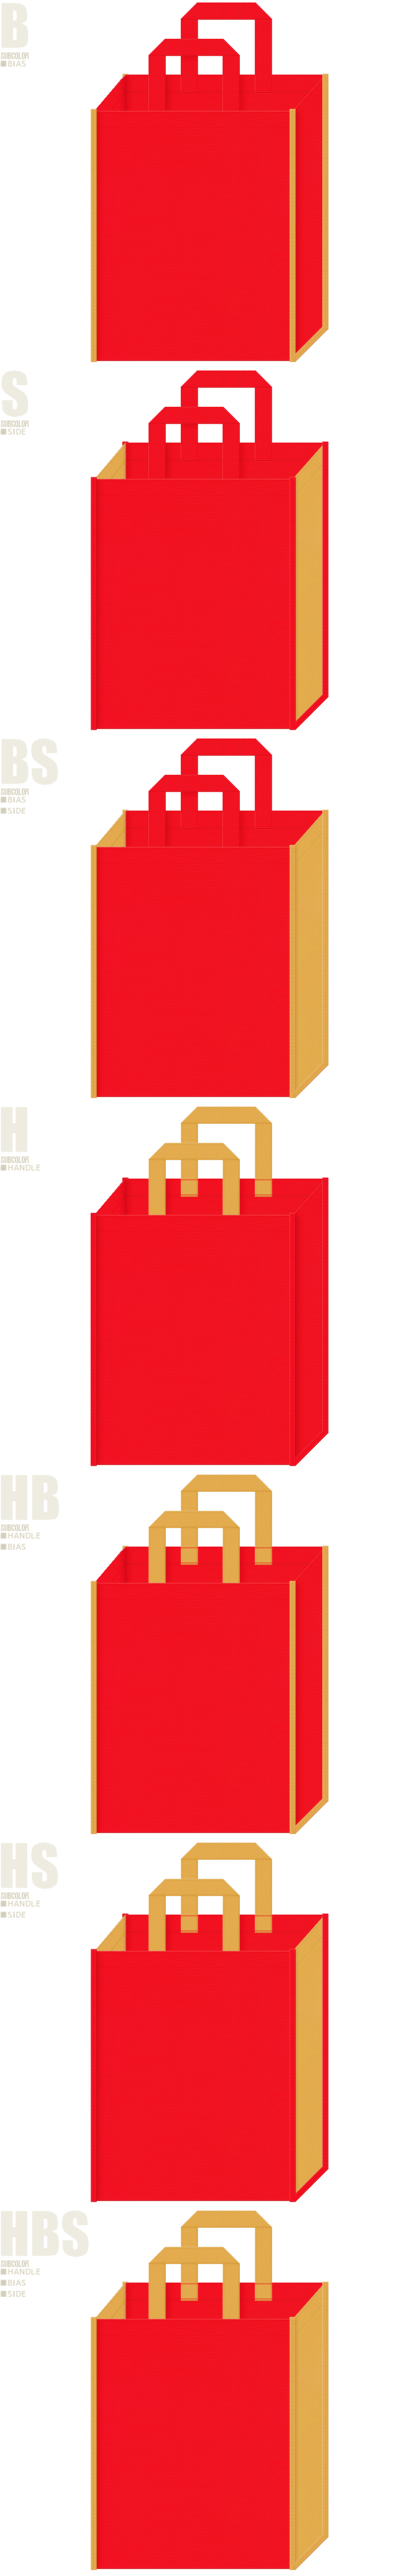 絵本・むかし話・赤鬼・節分・大豆・一合枡・御輿・お祭り・和風催事・福袋にお奨めの不織布バッグデザイン:赤色と黄土色の配色7パターン